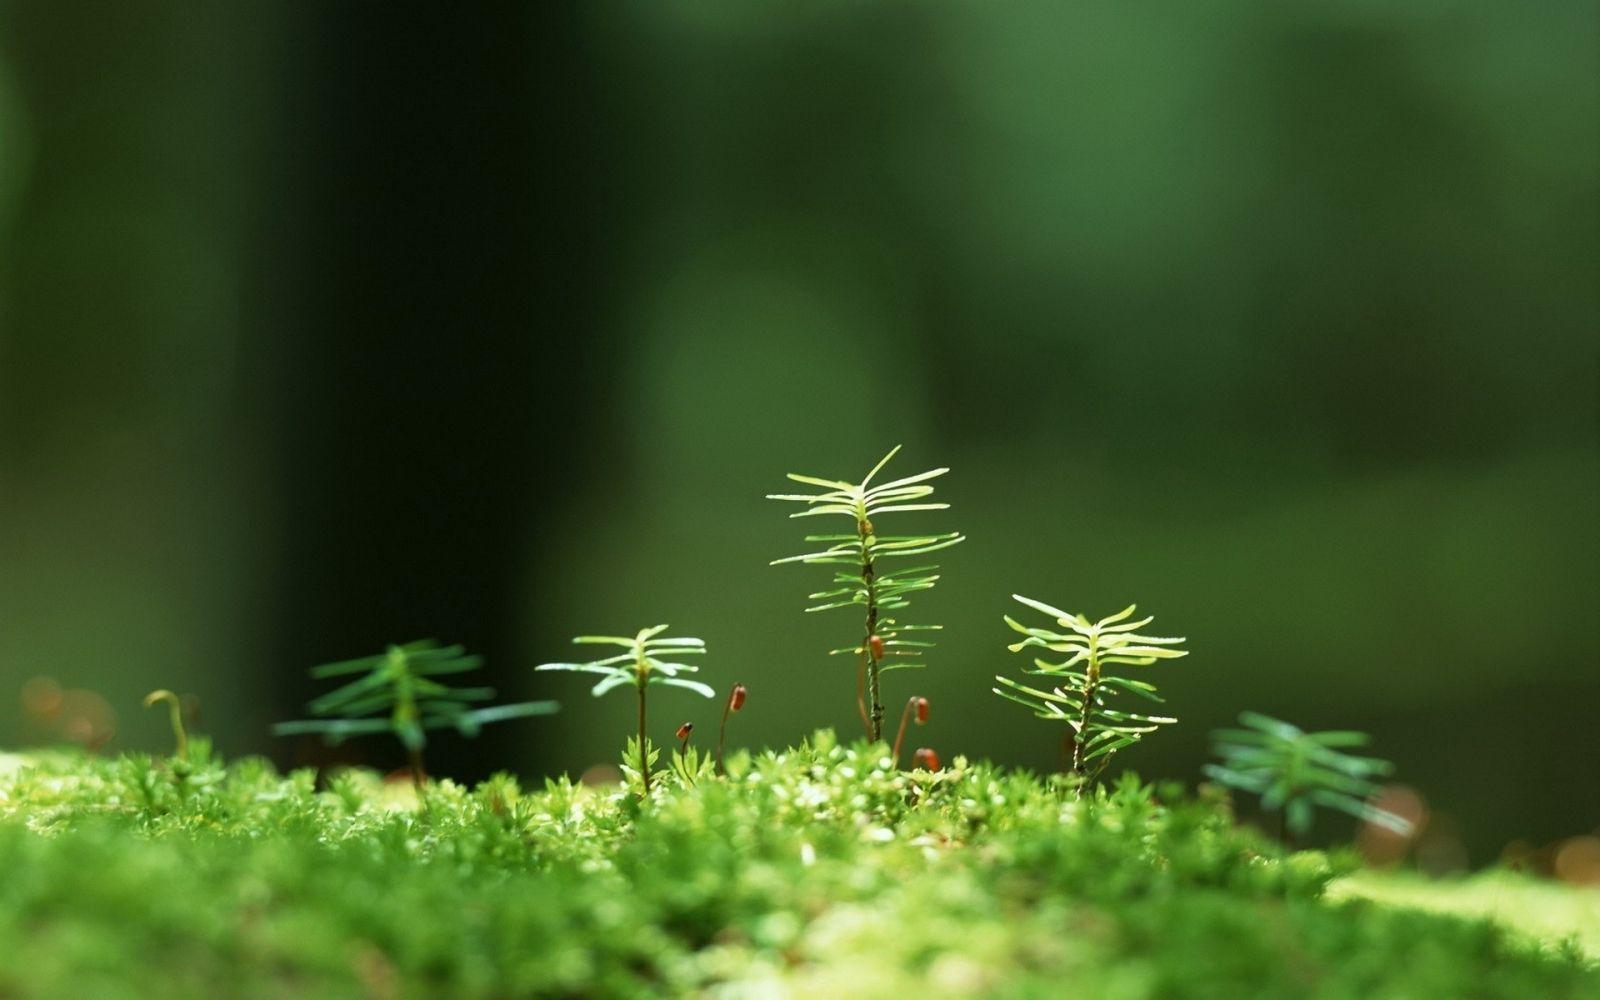 Hình nền thực vật màu xanh